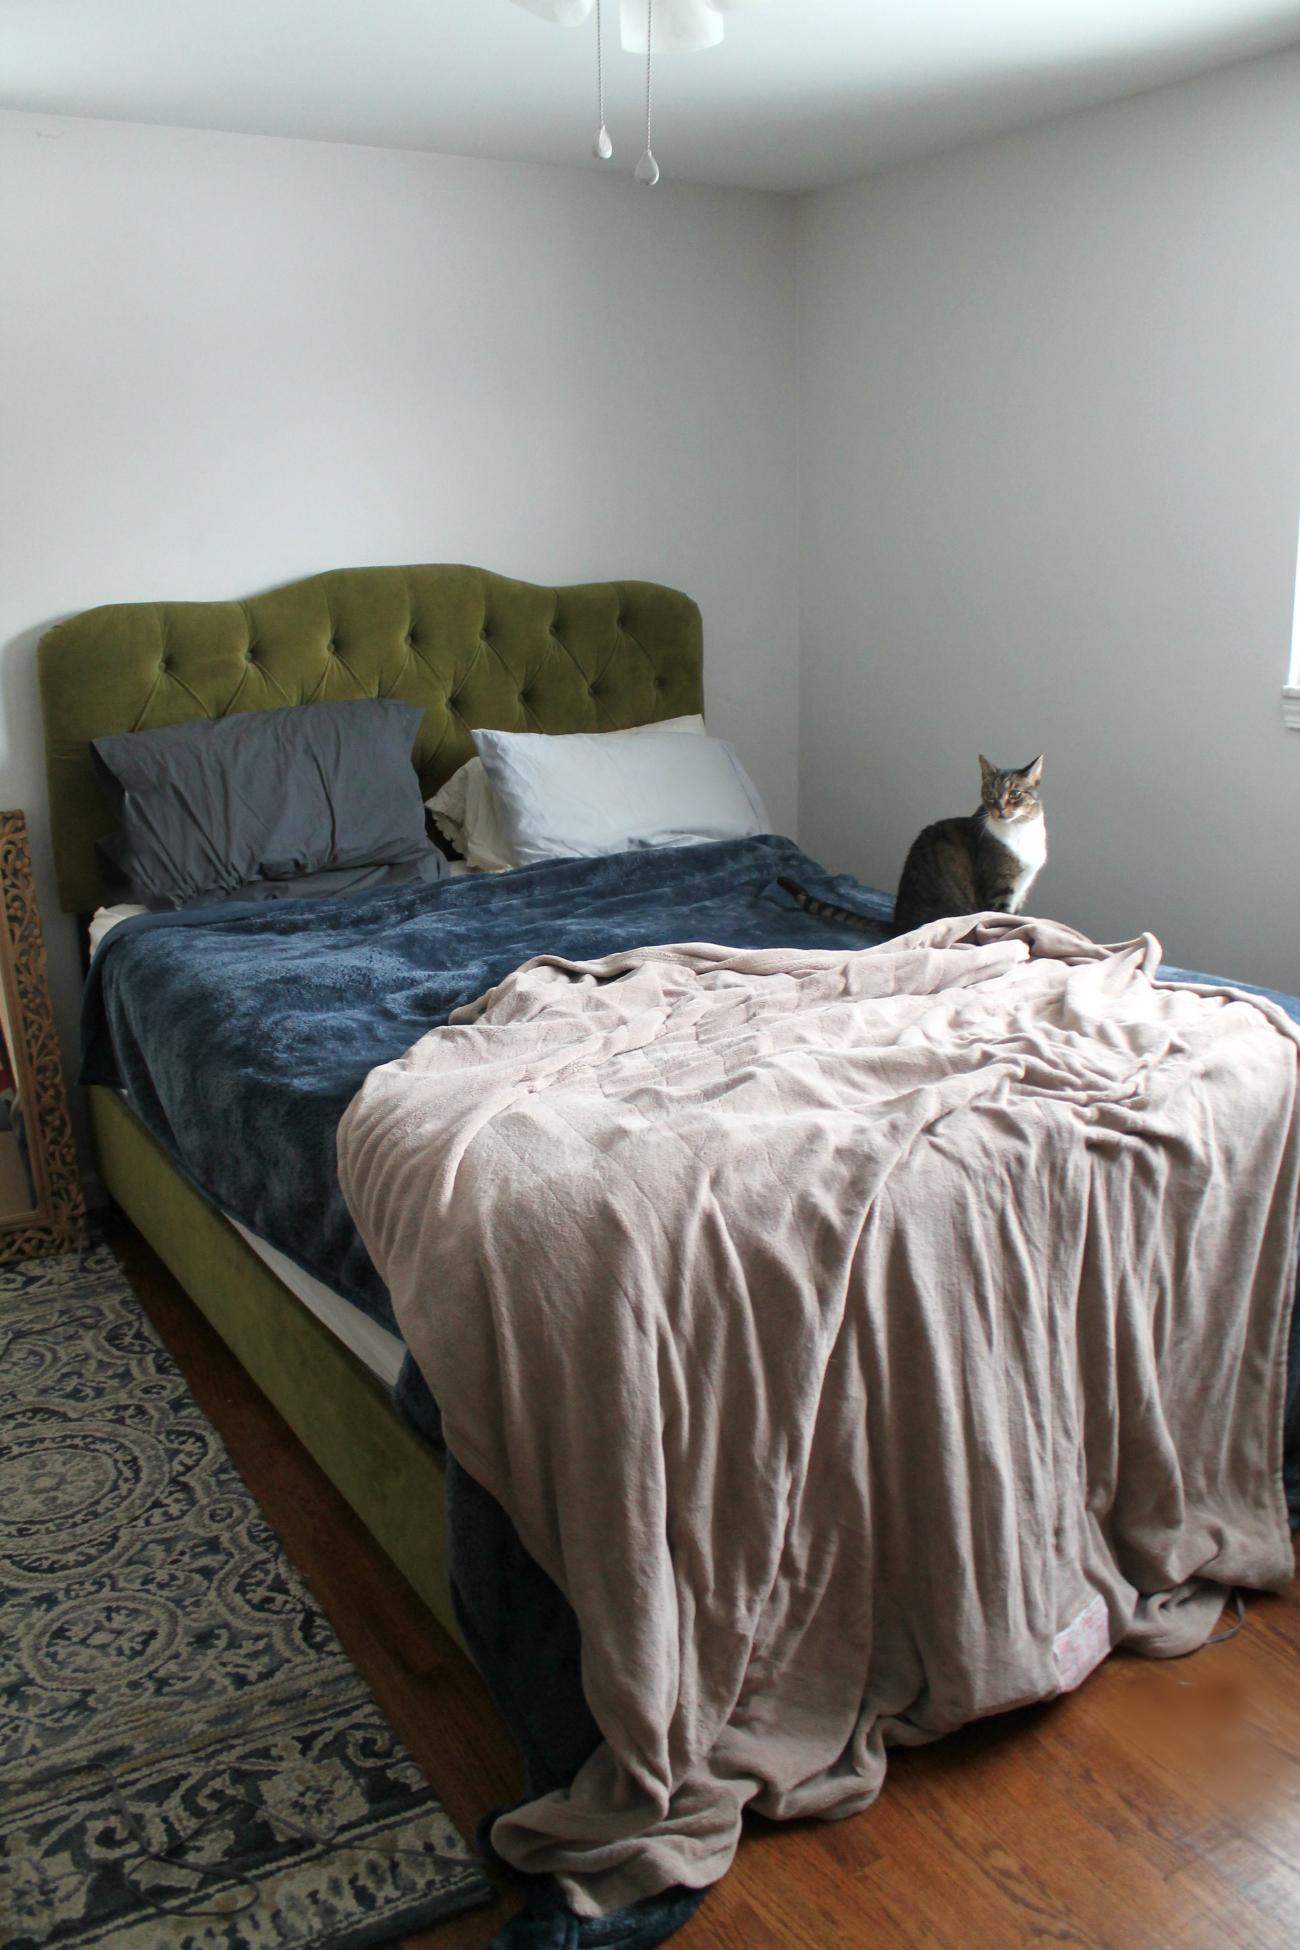 IKEA Bedroom Makeover